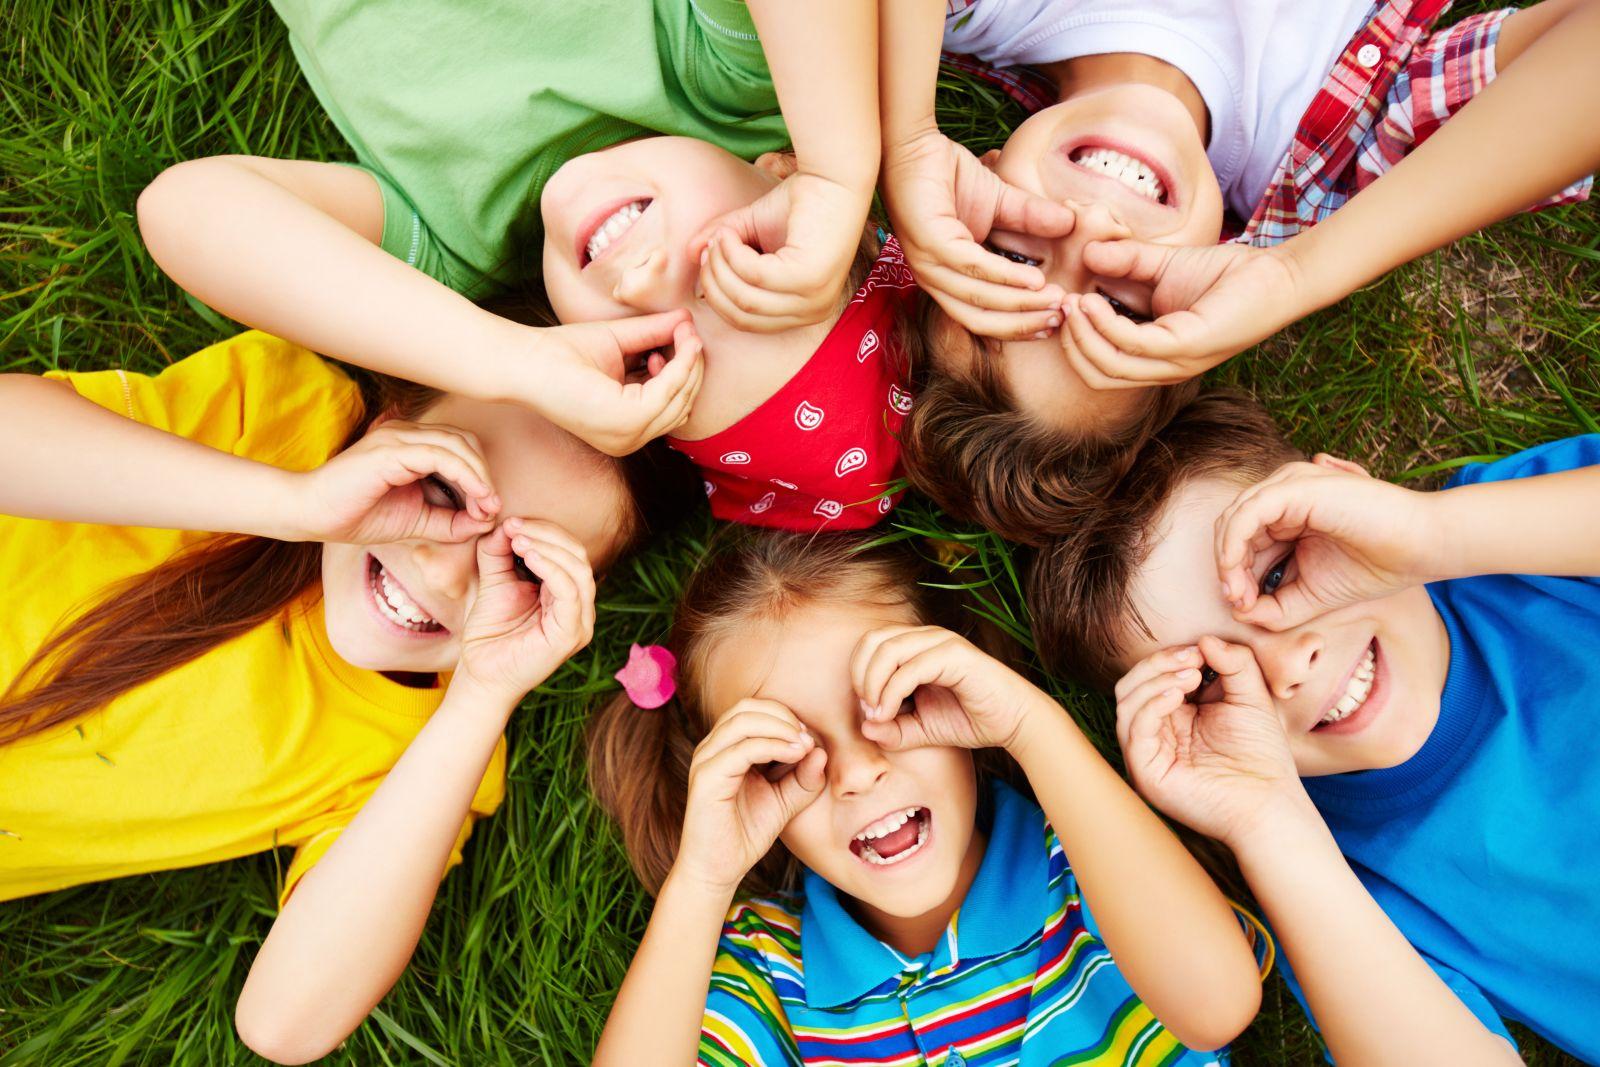 Ilustrasi anak-anak bermain dengan teman sebaya. Foto: Freepik